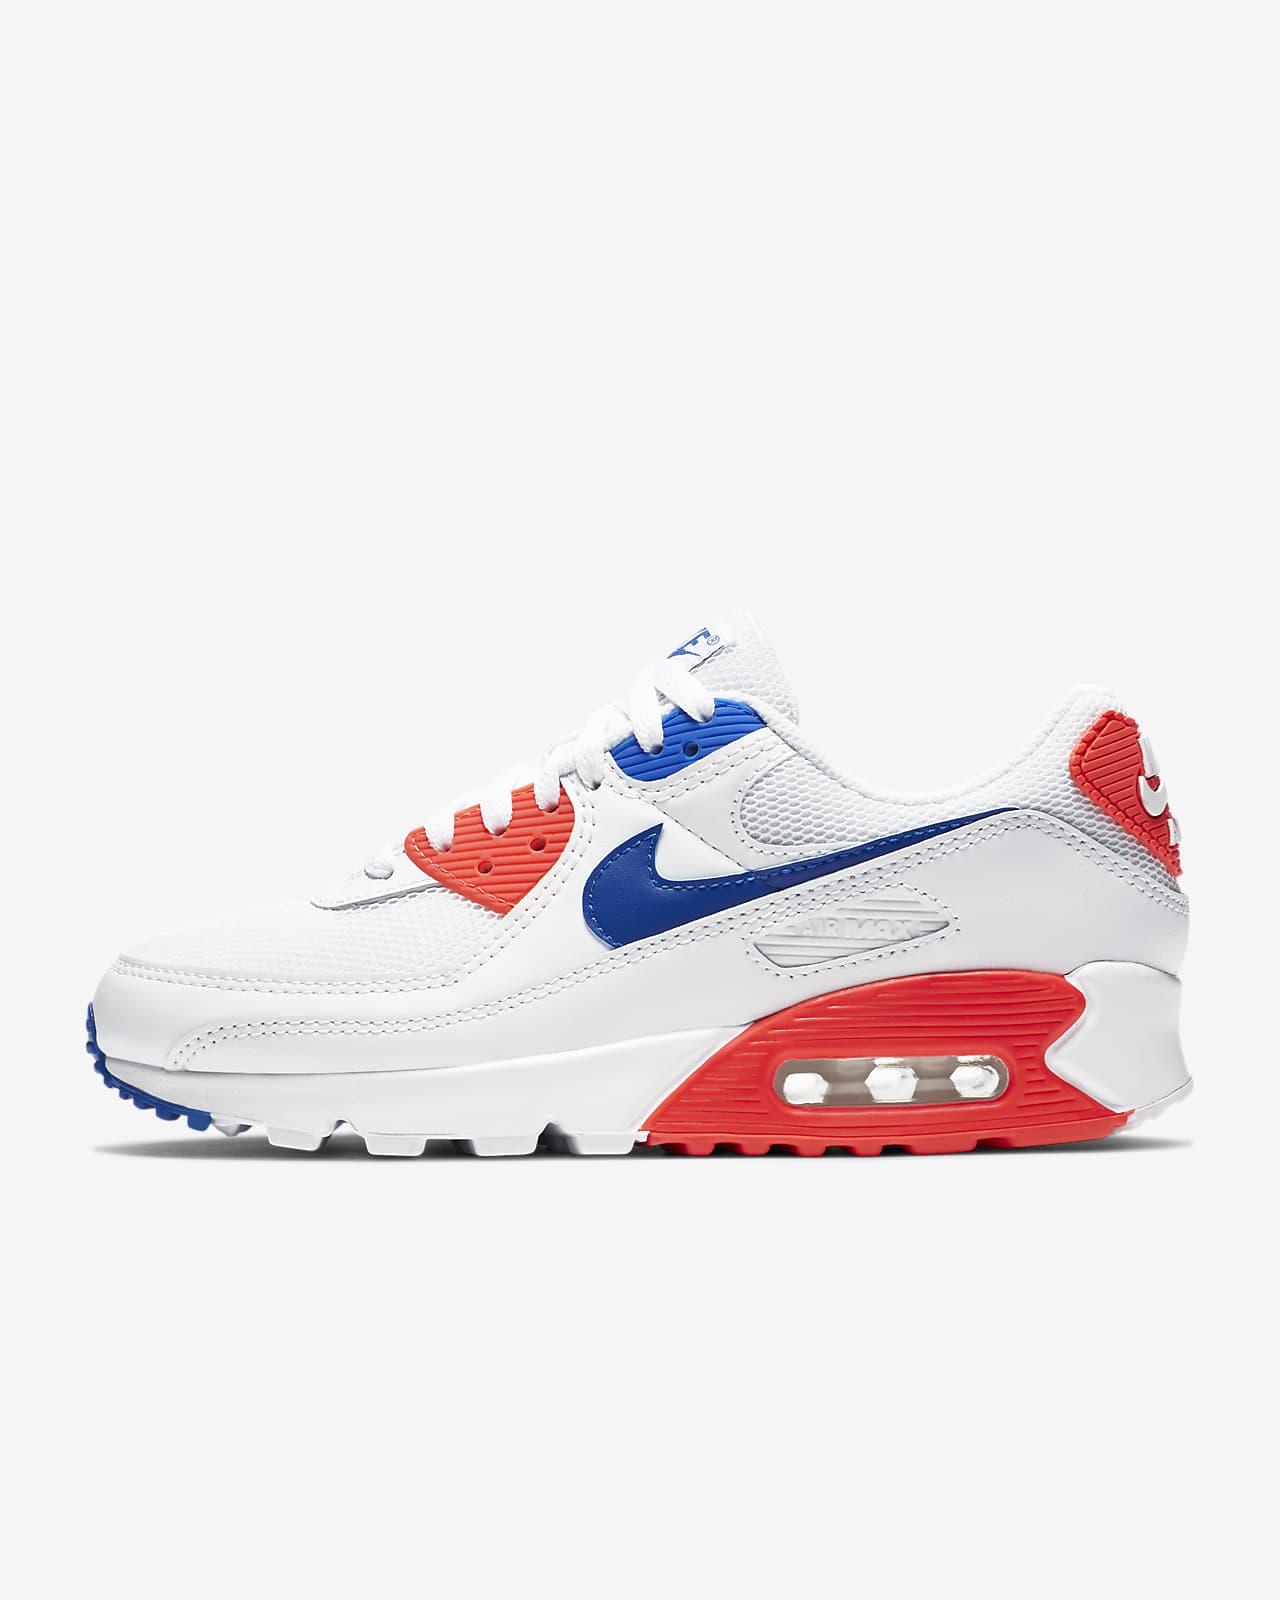 nike air max femmes chaussures